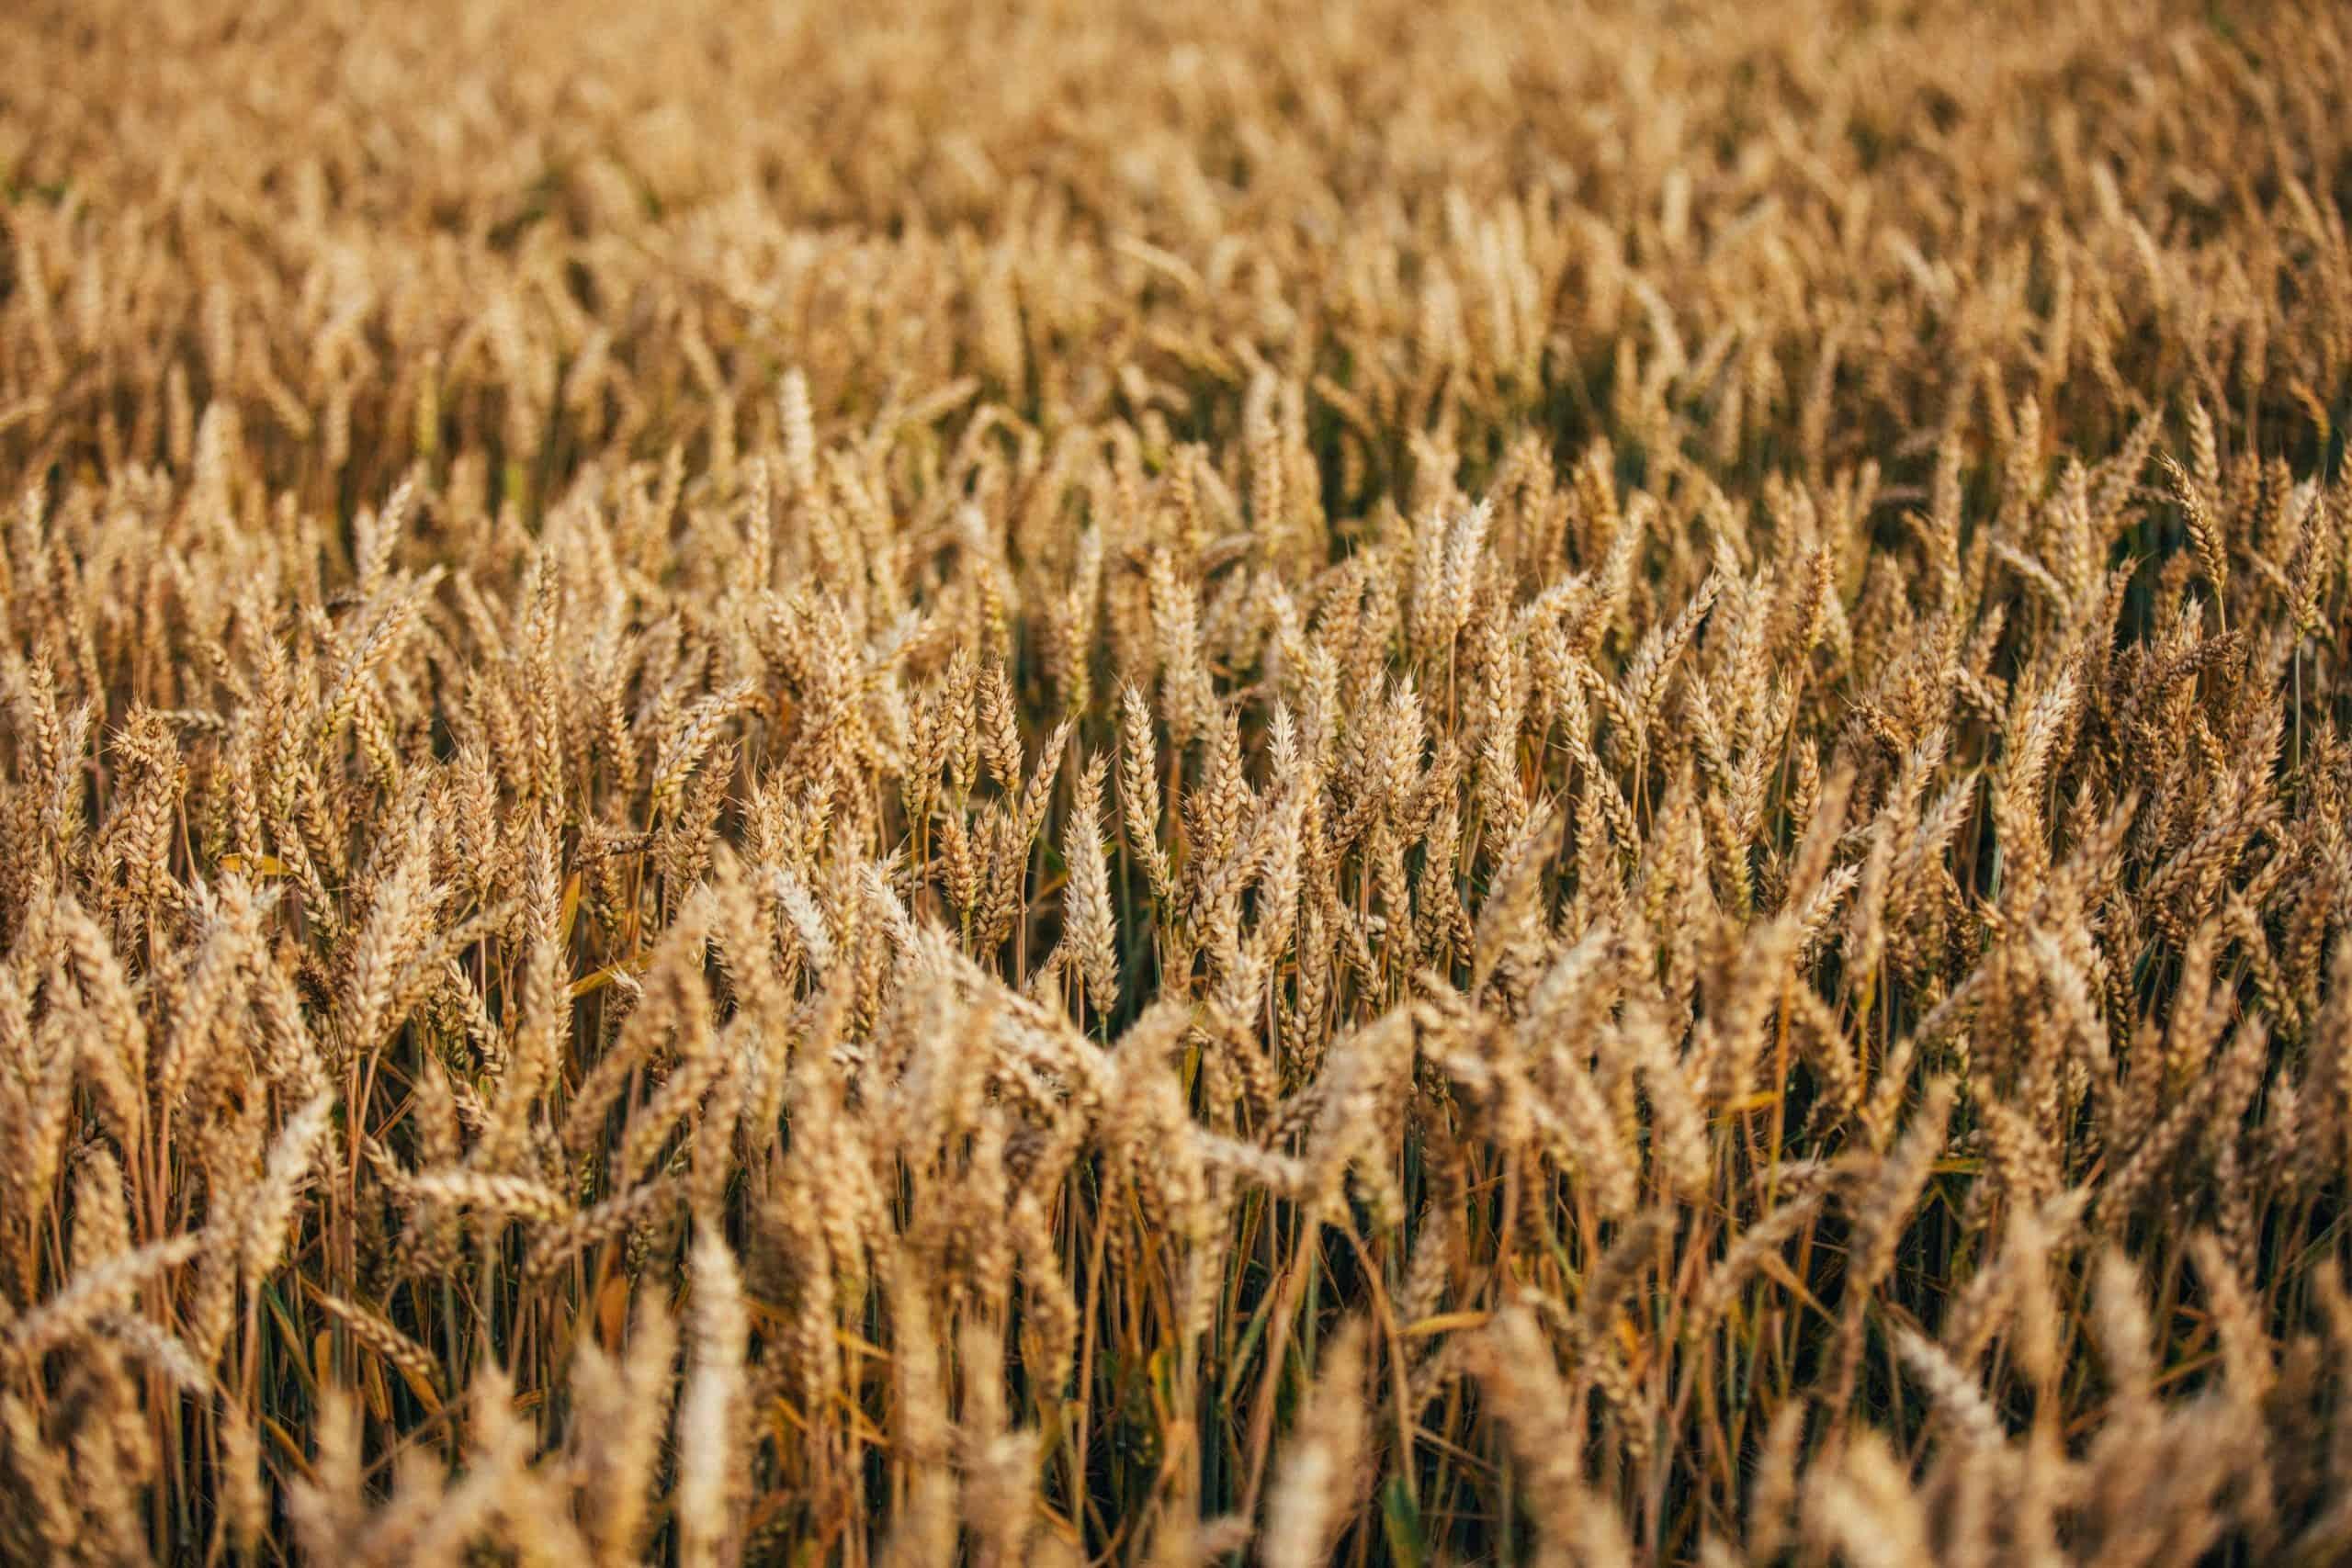 Größtes Agrar-Handelsunternehmen in Deutschland: BayWa AG